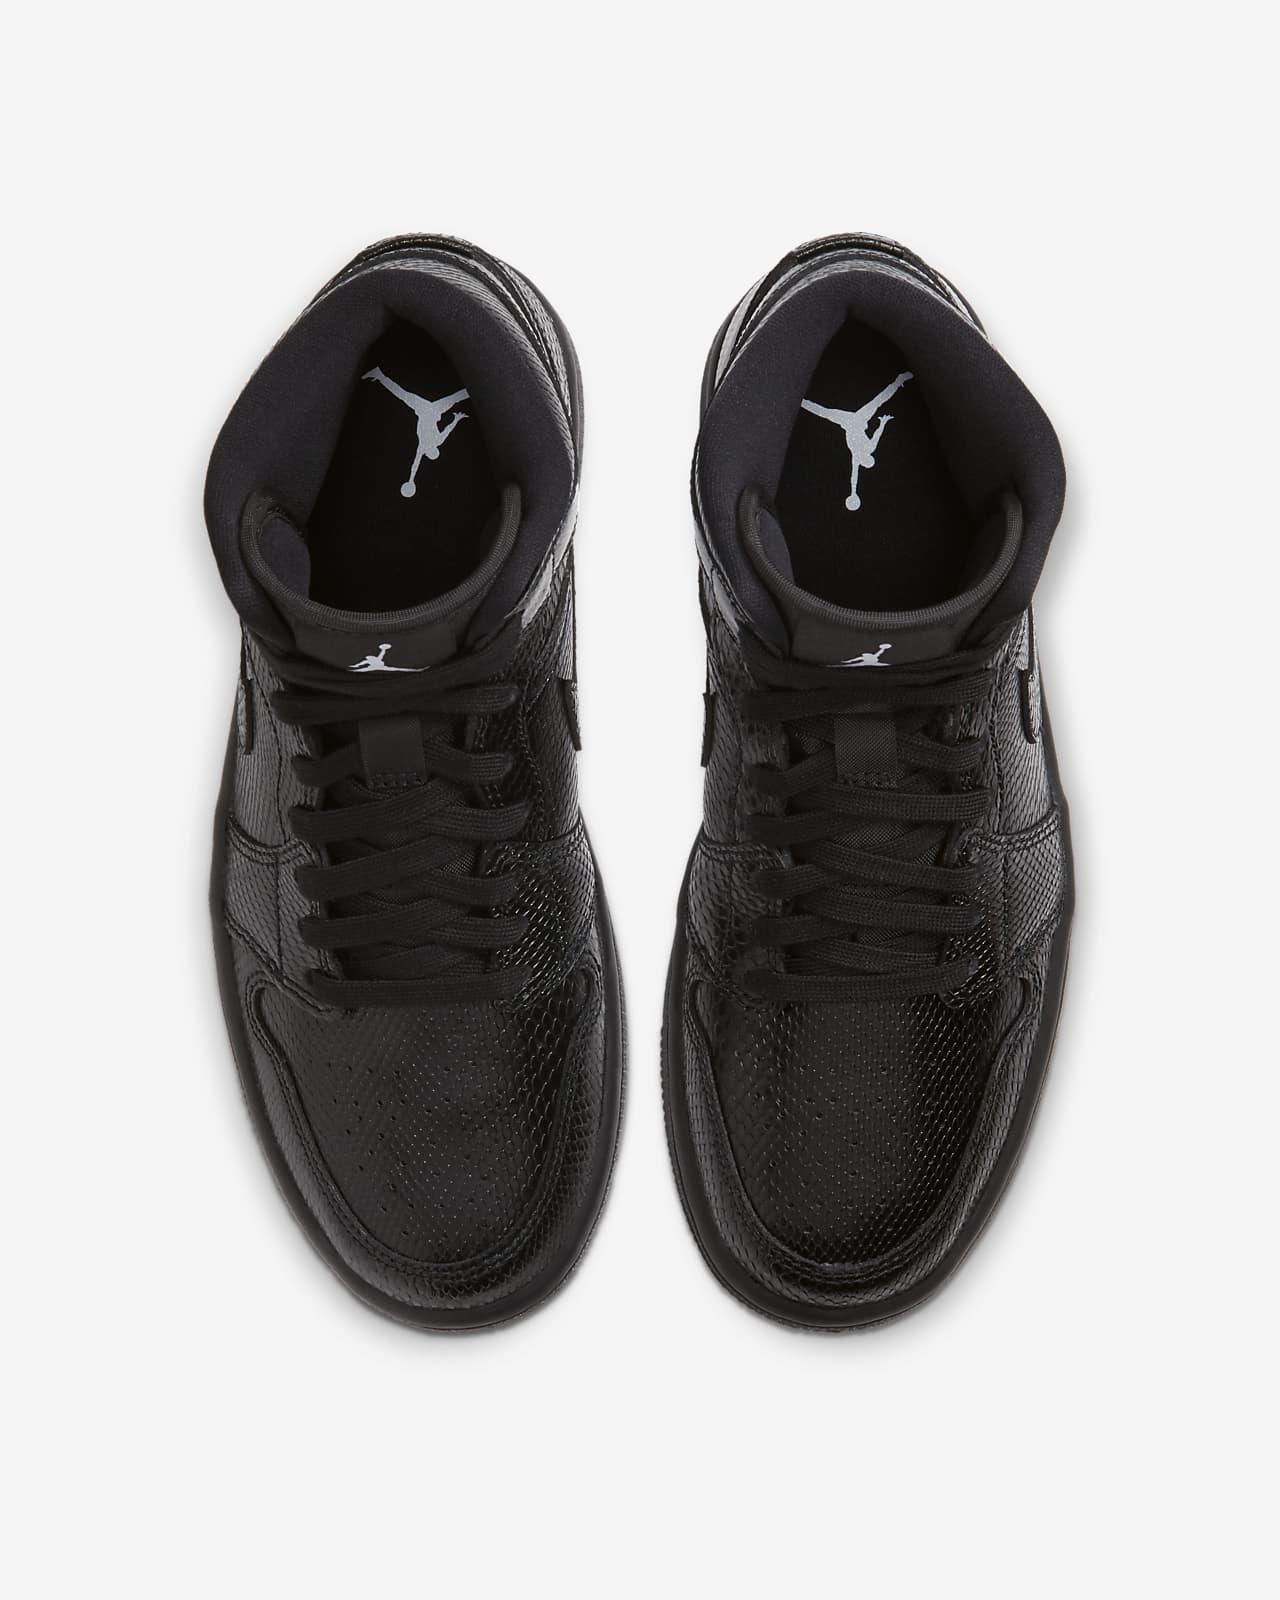 all black jordan 1 mid